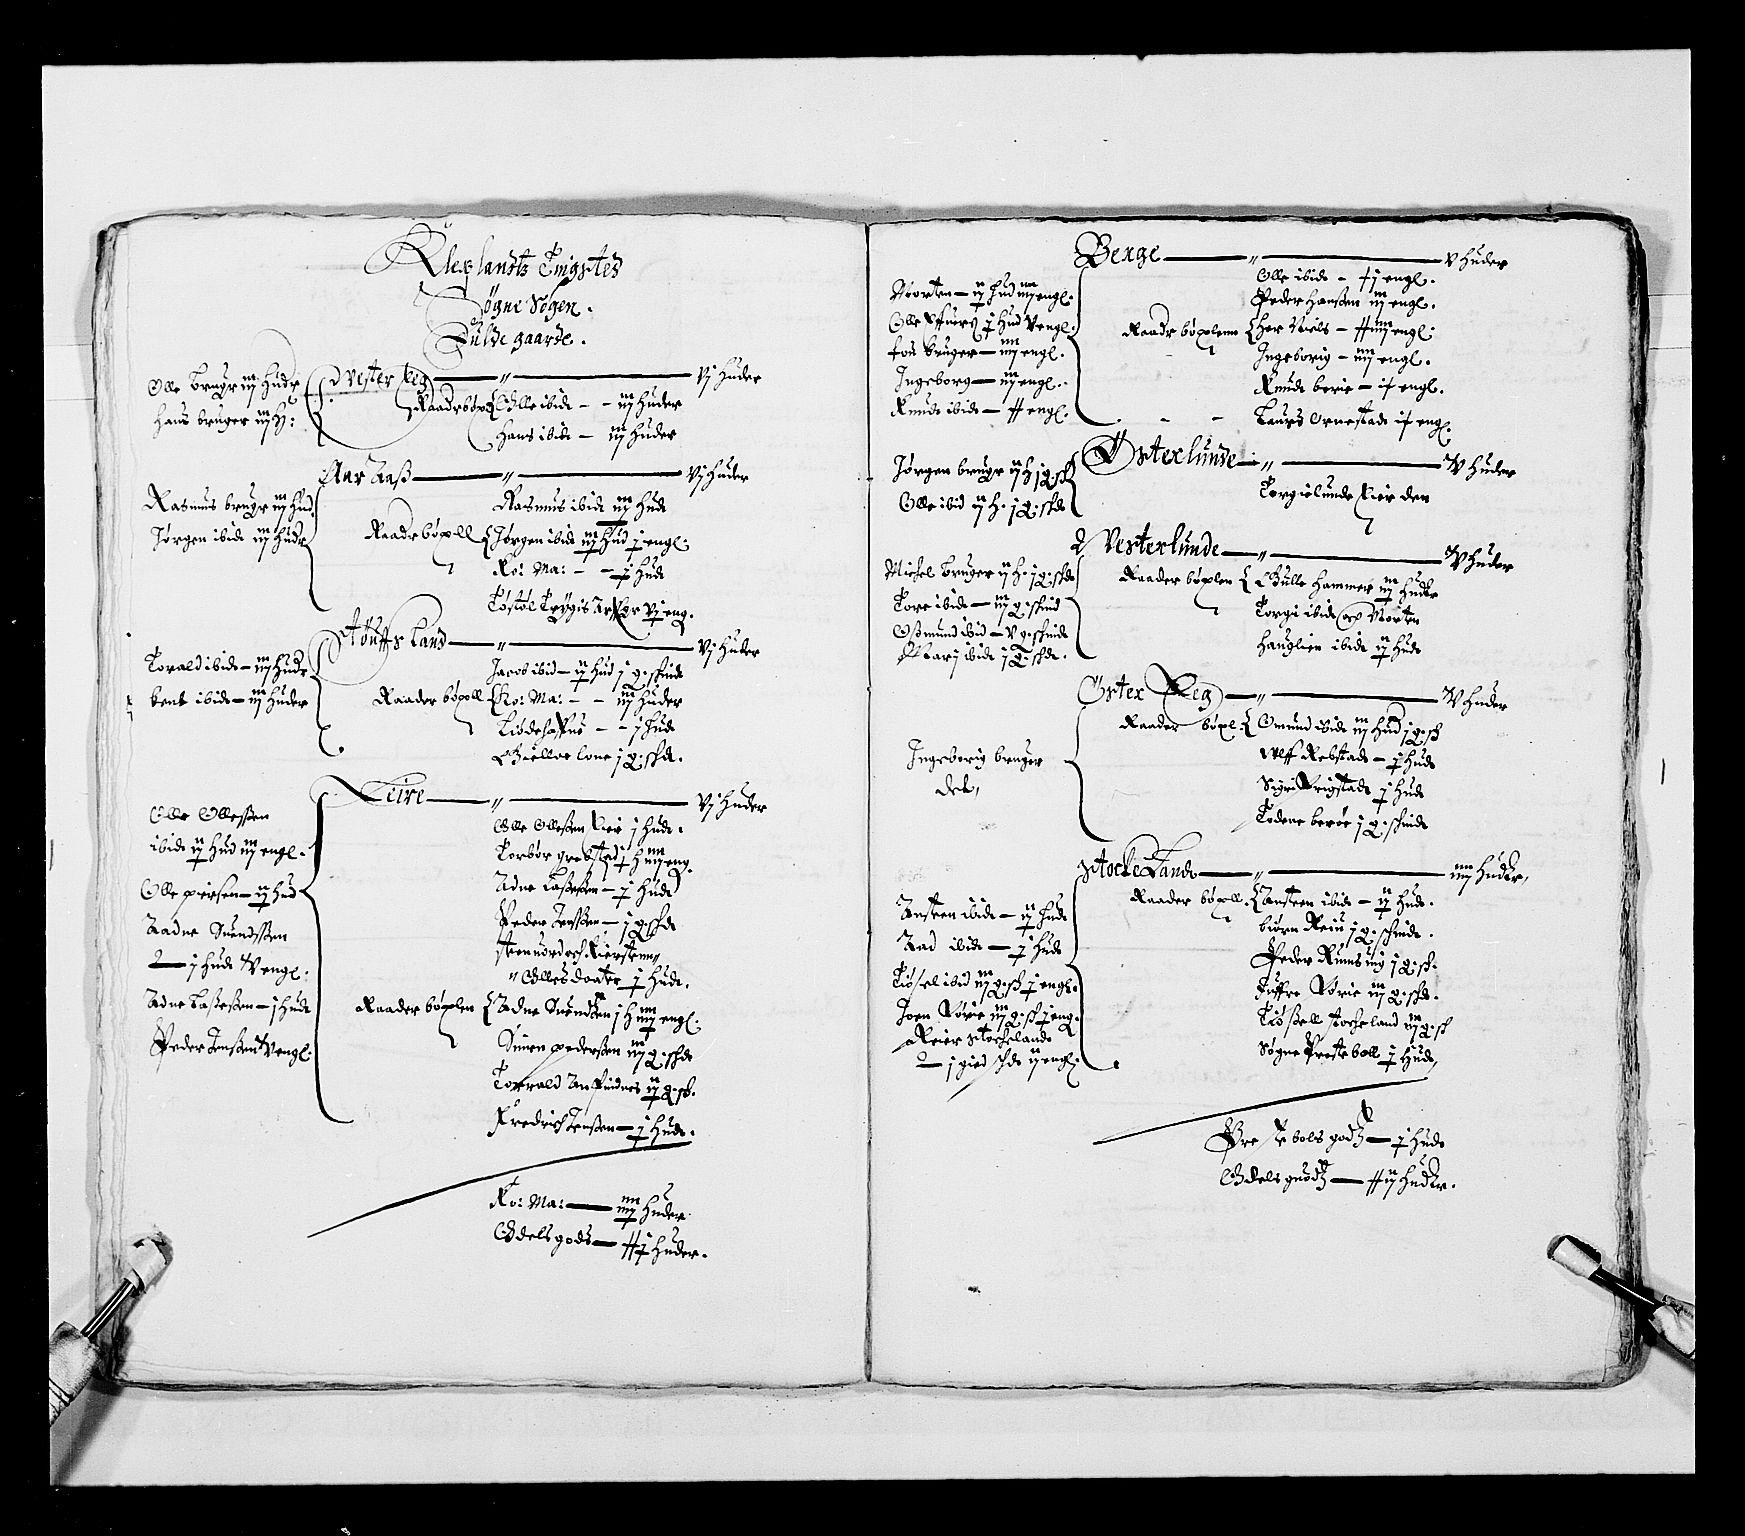 RA, Stattholderembetet 1572-1771, Ek/L0023: Jordebøker 1633-1658:, 1648-1649, s. 66